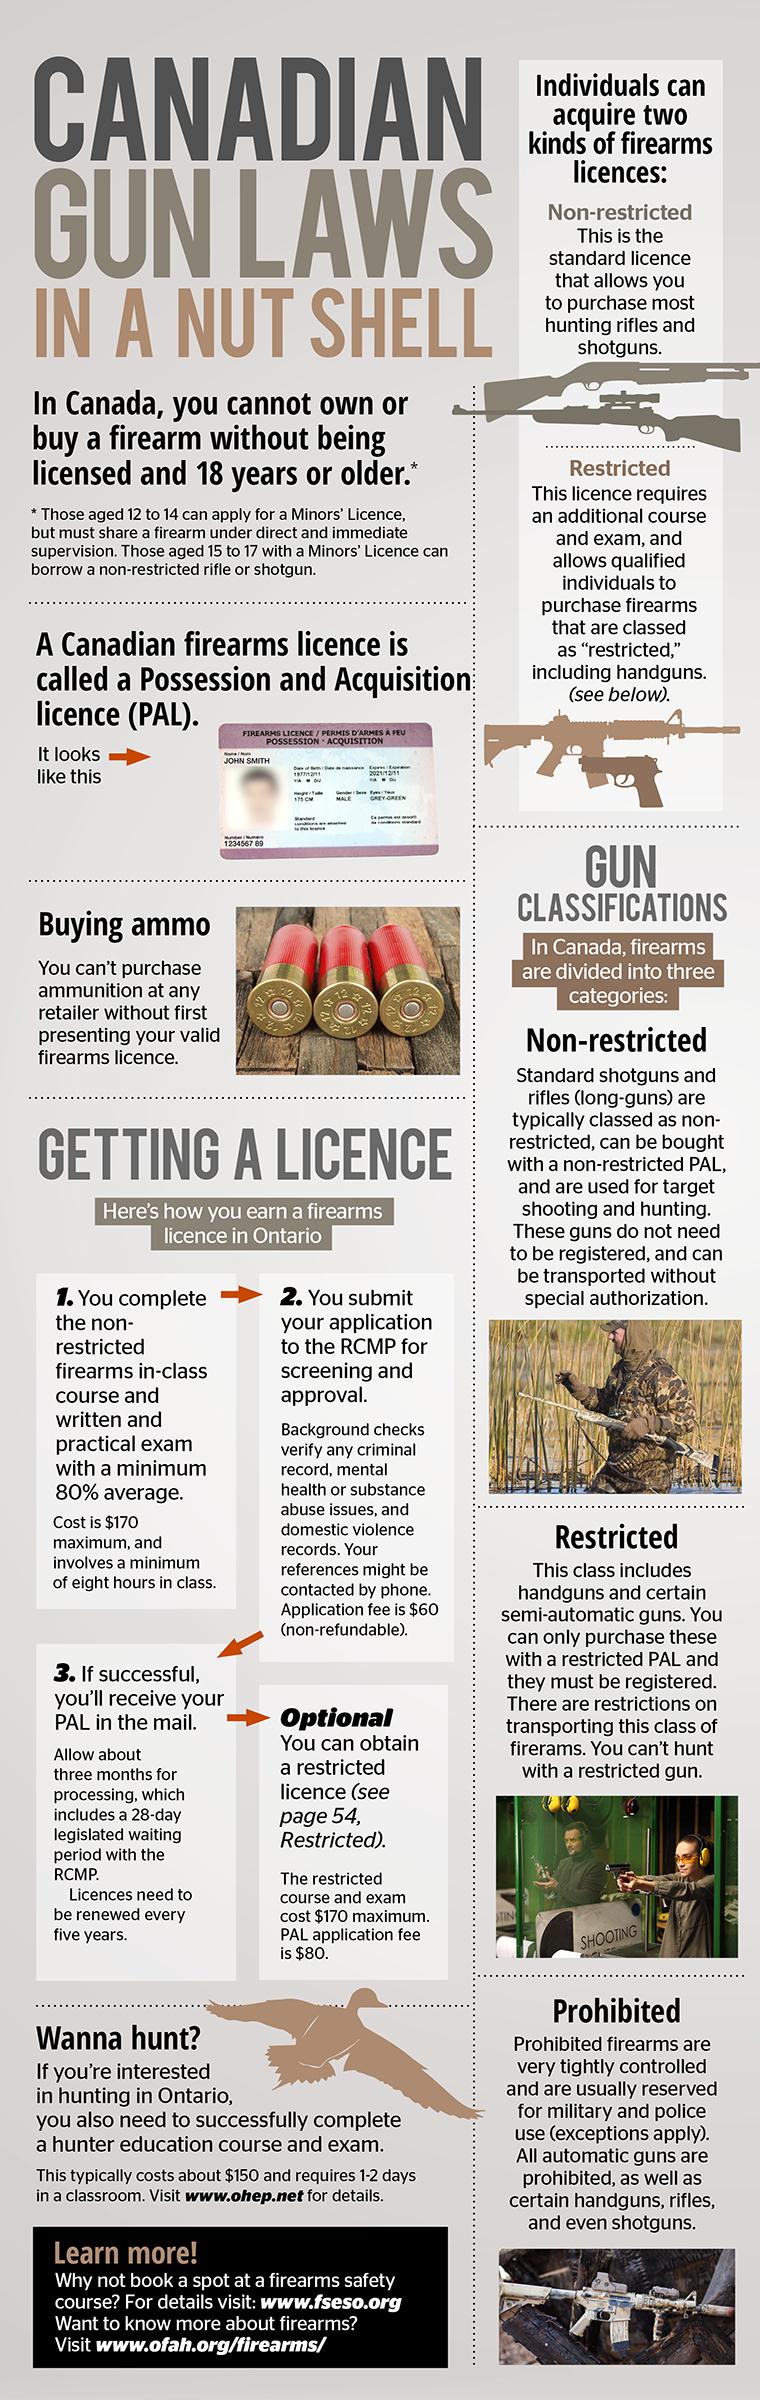 Canadian Gun Laws